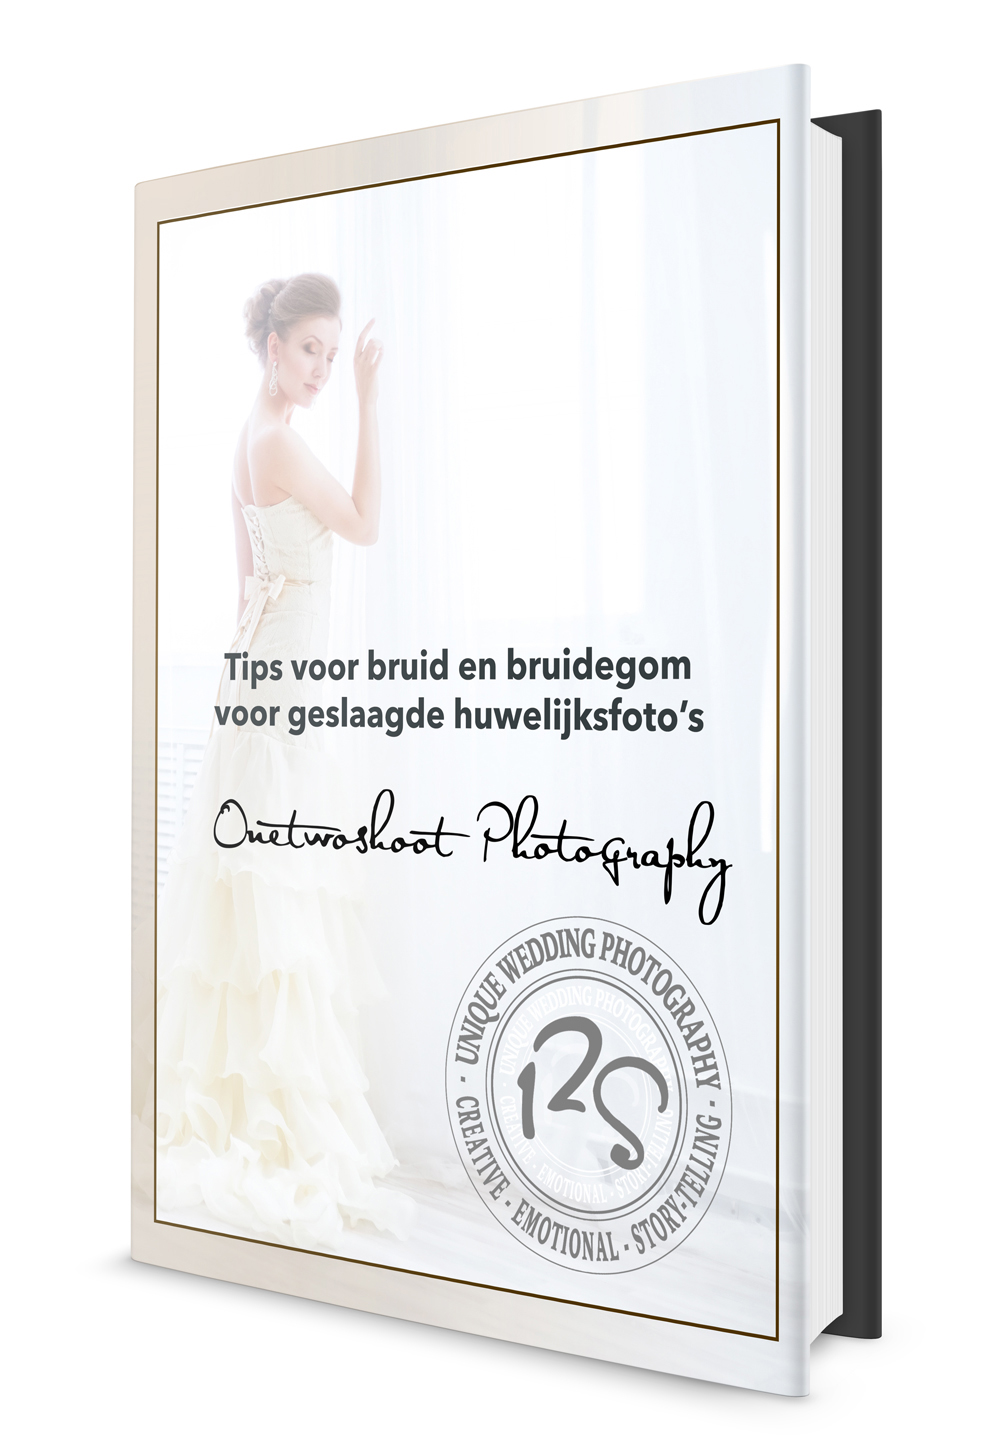 huwelijksfotografie huwelijksfotograaf tips voor bruid en bruidegom voor geslaagde huwelijksfoto's gratis ebook